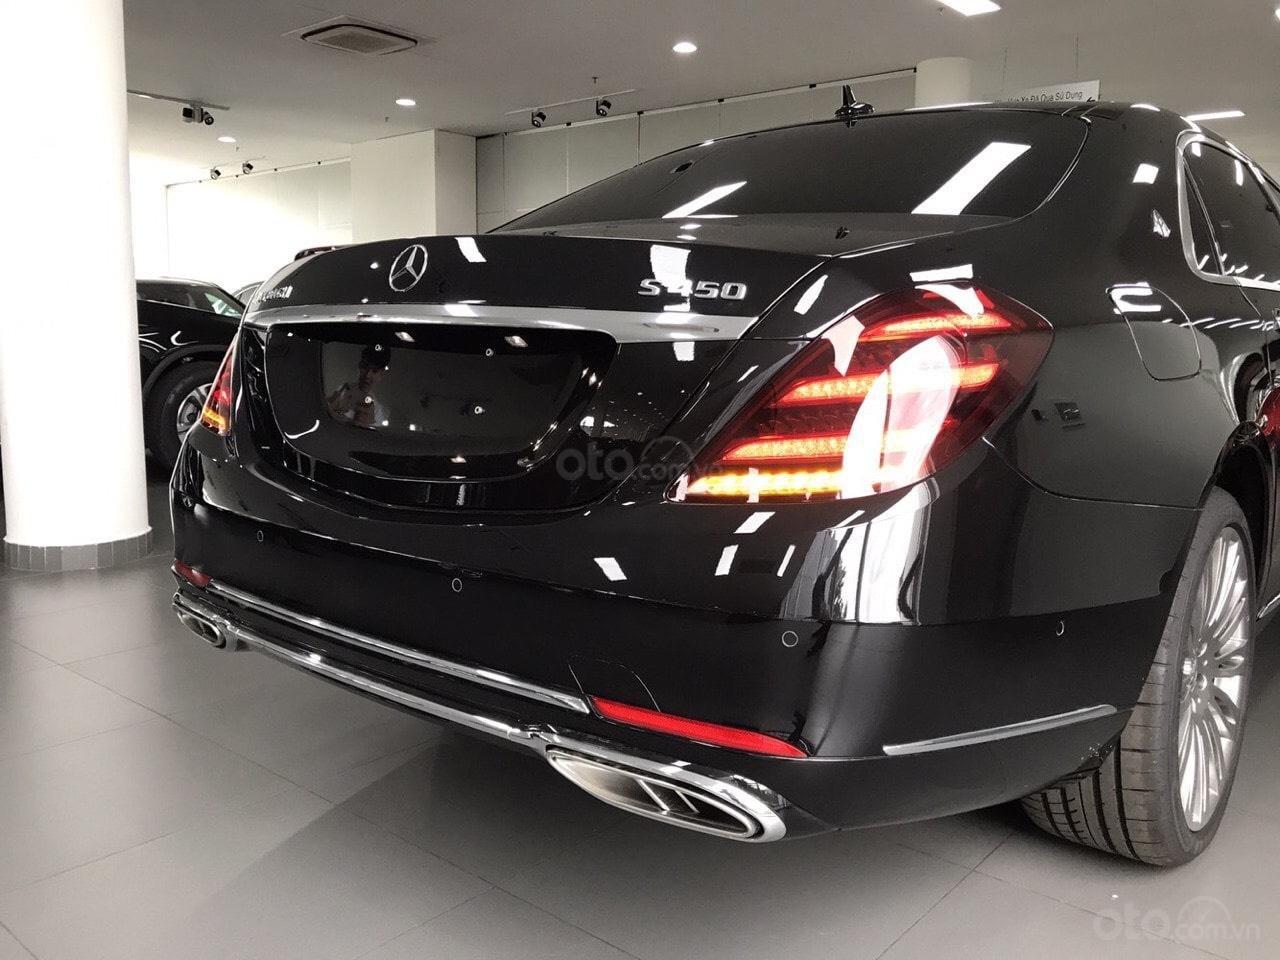 Bán Mercedes-Maybach S450 2020 hoàn toàn mới, galang mới, xe giao ngay tháng 02/2020 (7)